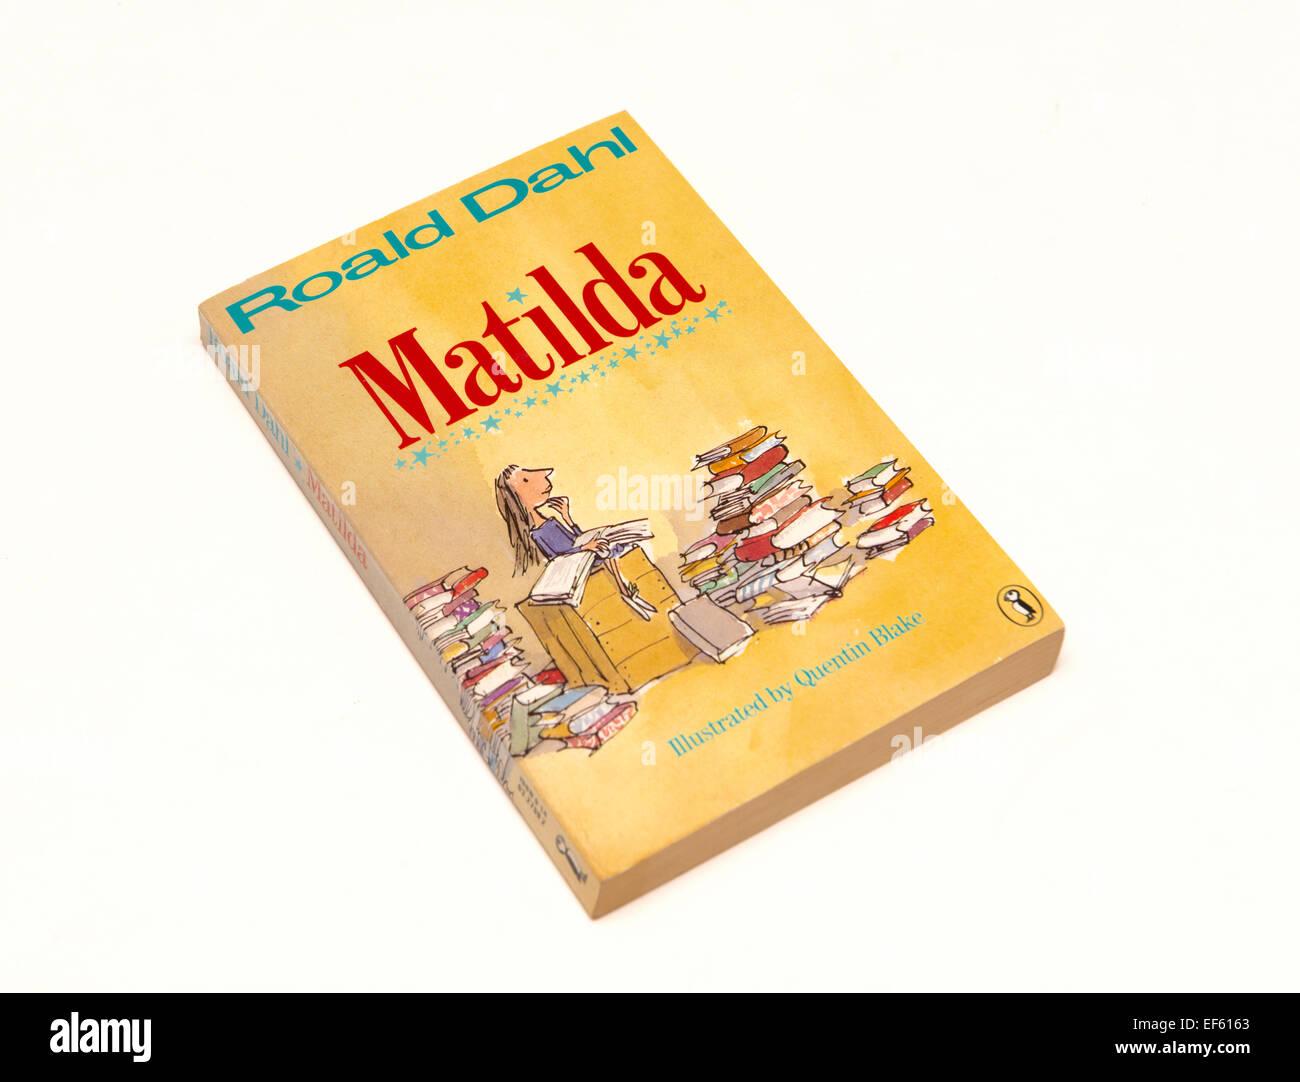 Matilda by Roald Dahl - Stock Image